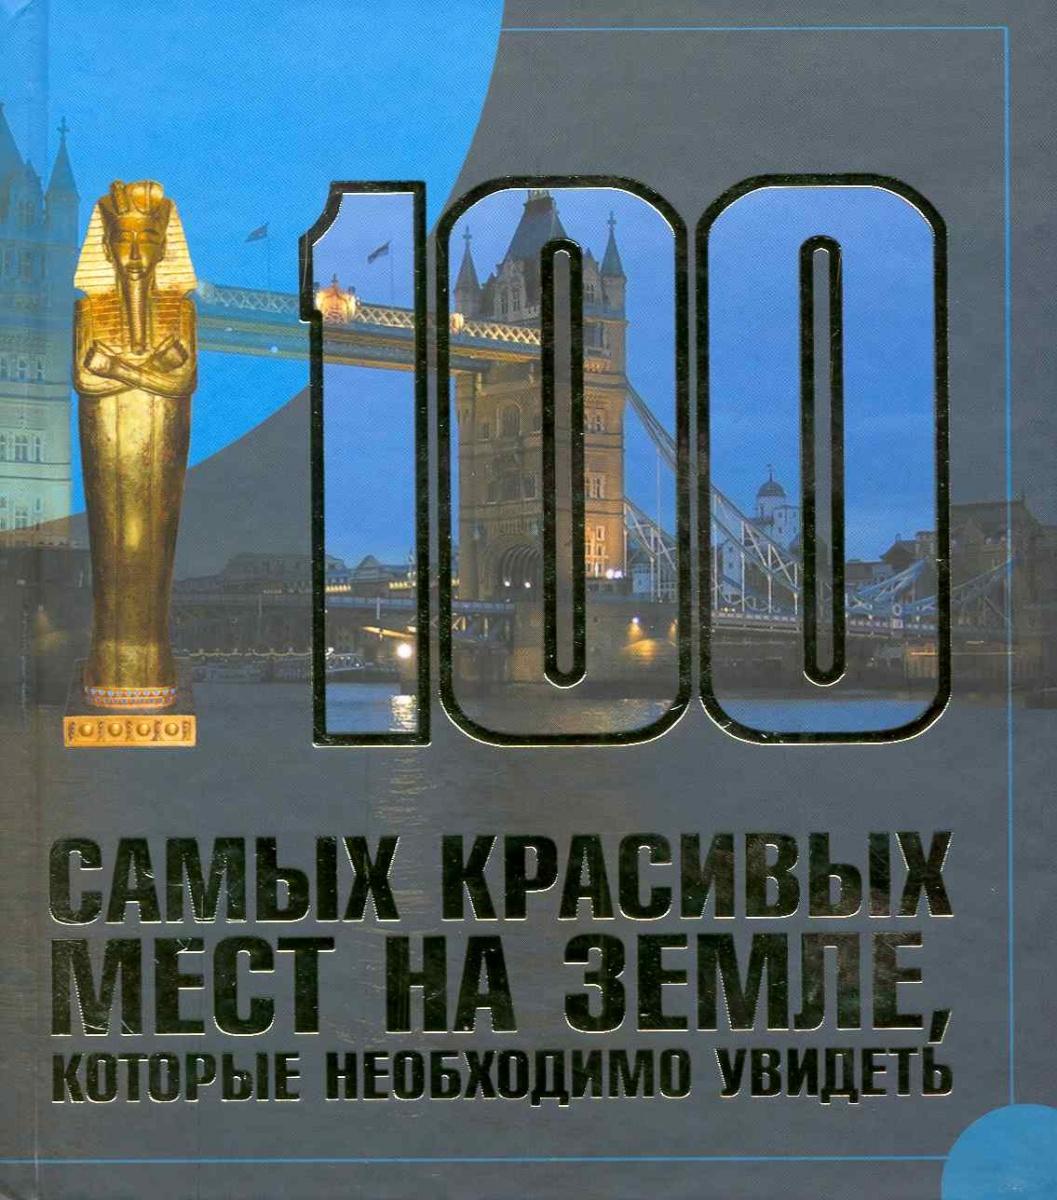 Шереметьева Т. 100 самых красивых мест на земле кот. необходимо увидеть андрушкевич ю 100 самых красивых мест мира